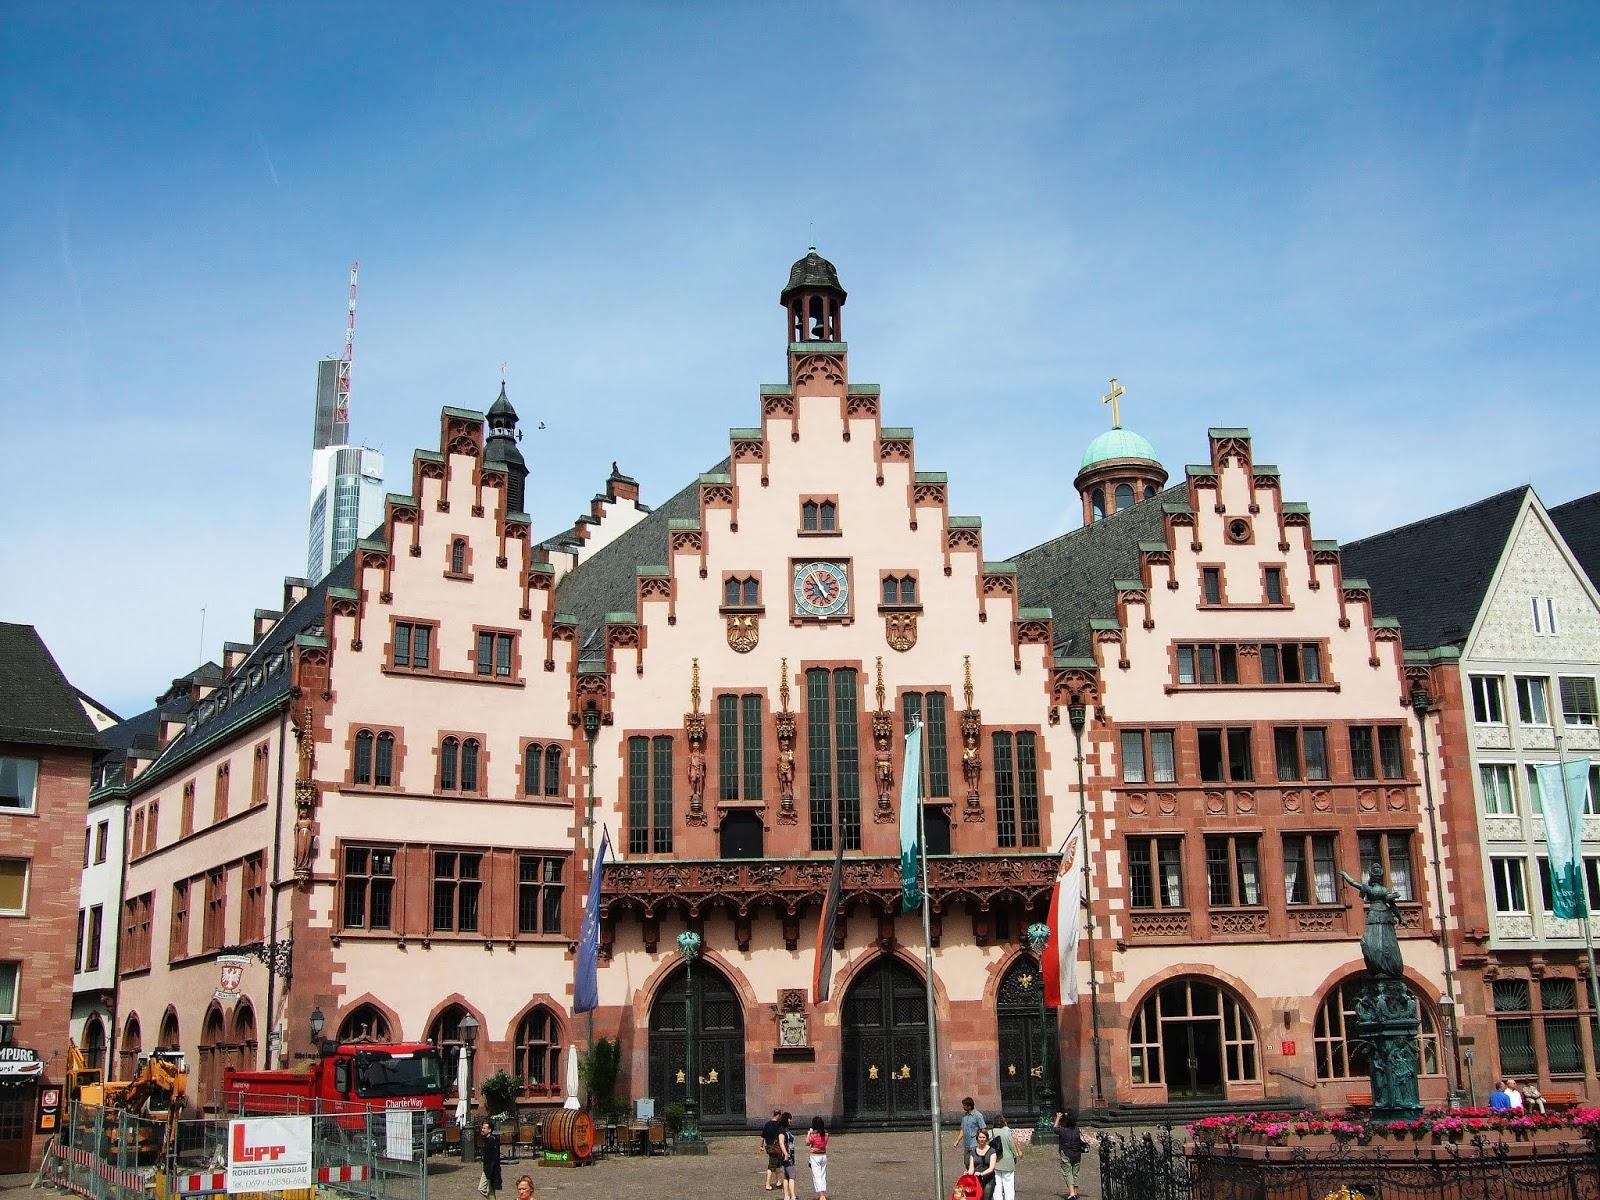 [遊記] 德國 - Römer Plaza (羅馬廣場), Frankfurt am Main